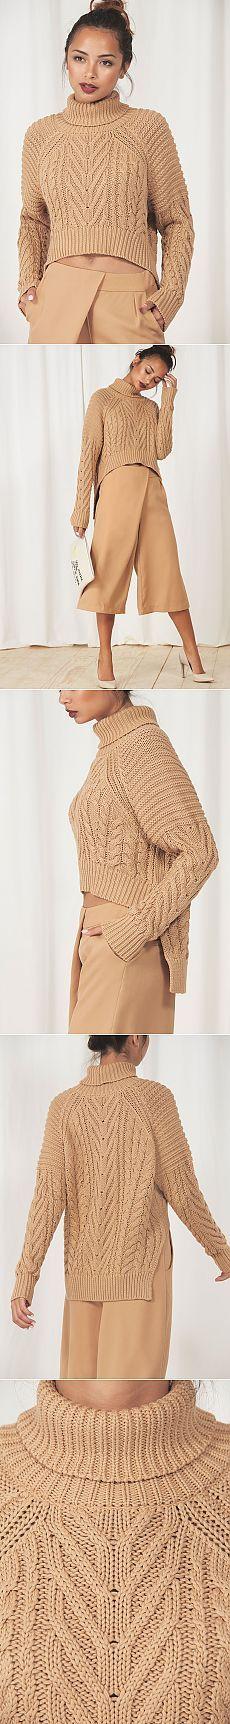 Вязание спицами | Простые схемы. Экономим время на Постиле